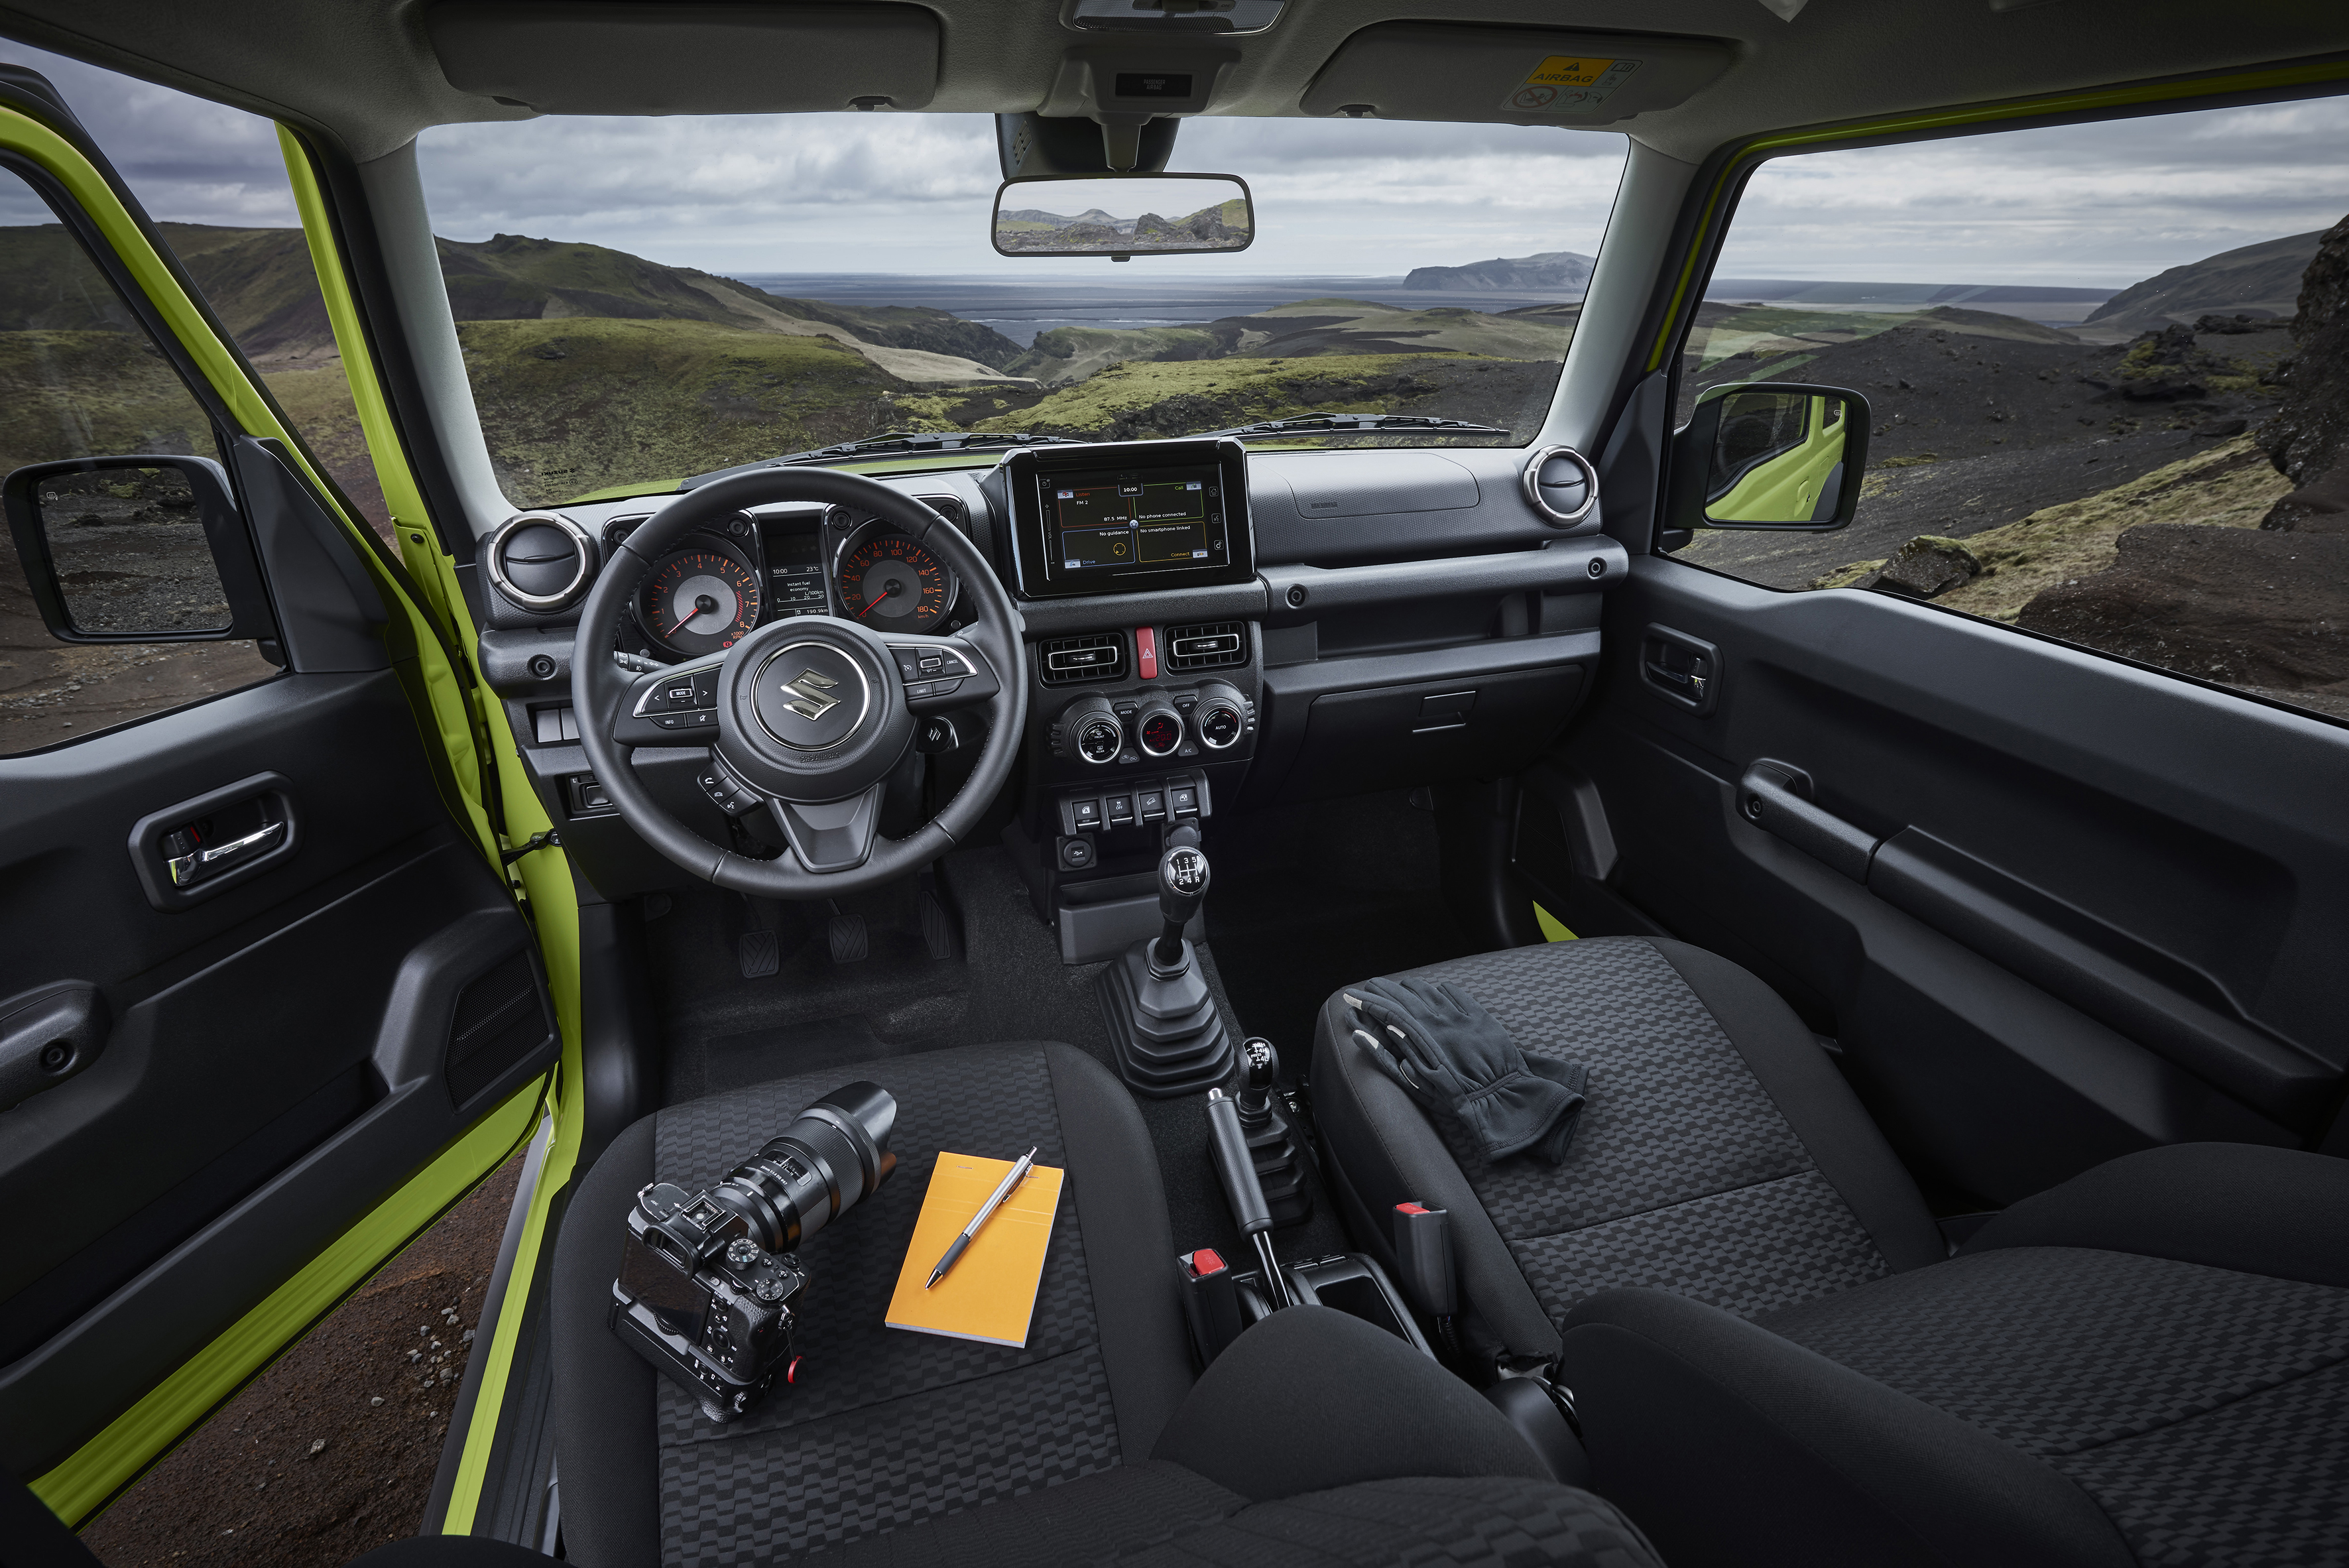 El interior del Suzuki Jimny no tiene lujos, pero es muy práctico